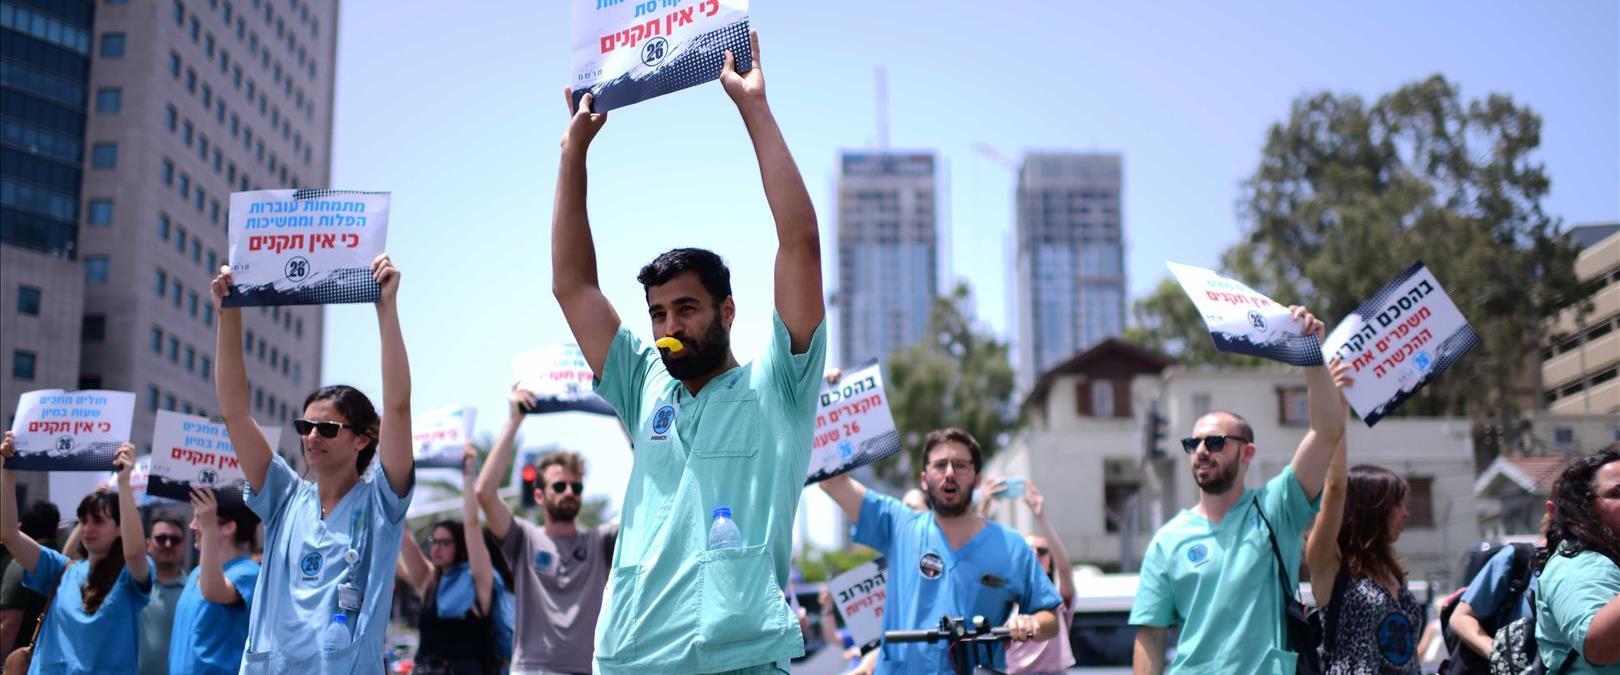 הפגנת מתמחים בתל אביב